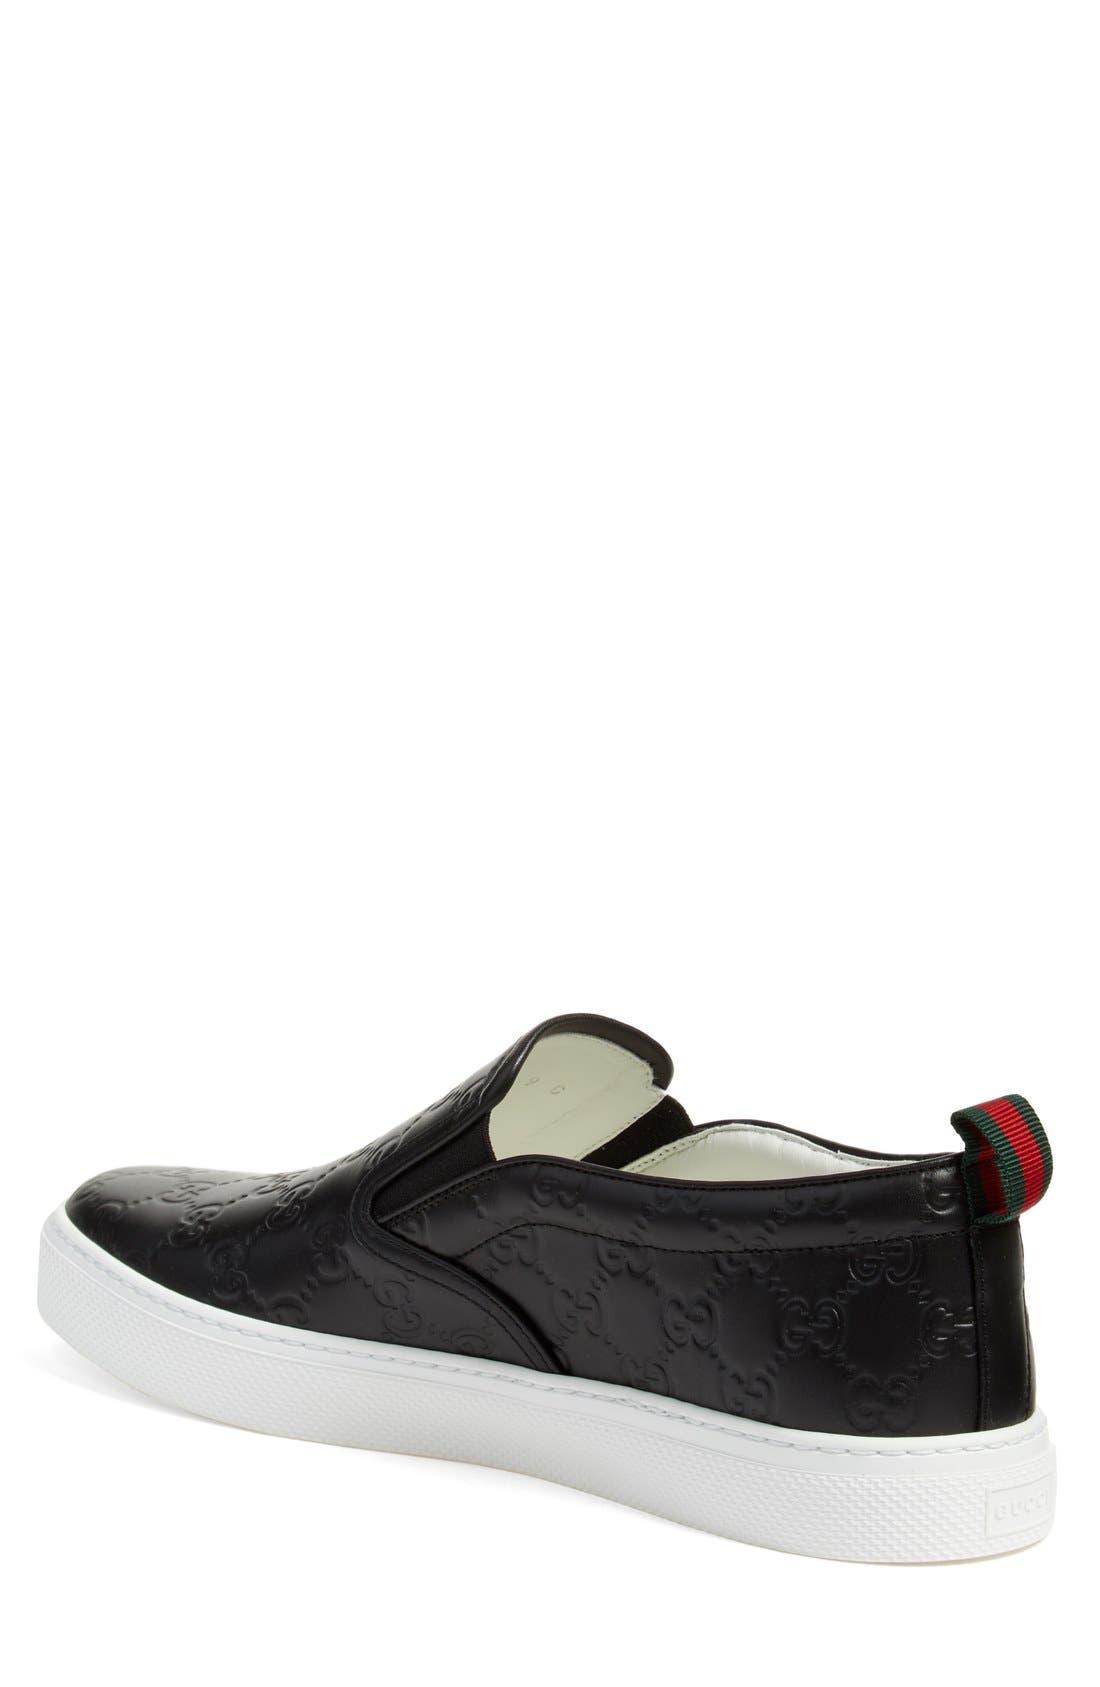 Dublin Slip-On Sneaker,                             Alternate thumbnail 2, color,                             Nero Embossed Leather